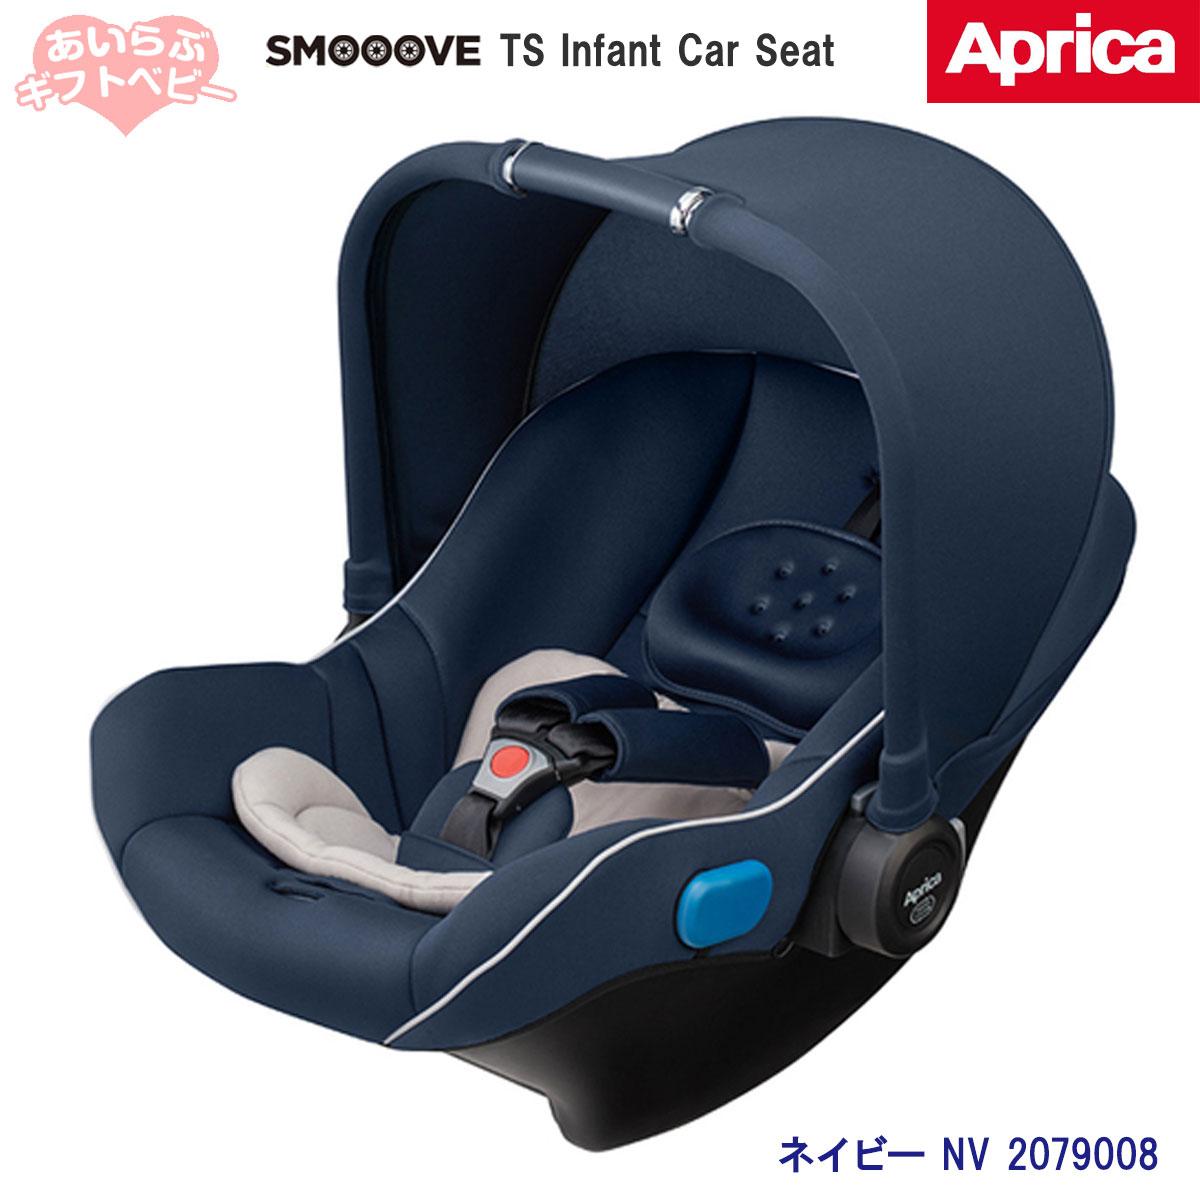 【送料無料】アップリカ スムーヴ TS インファントカーシートAB ネイビー NV 2079008 / チャイルドシート Aprica SMOOVE SMOOOVE 5wayトラベルシステム 【新生児から1歳頃まで】